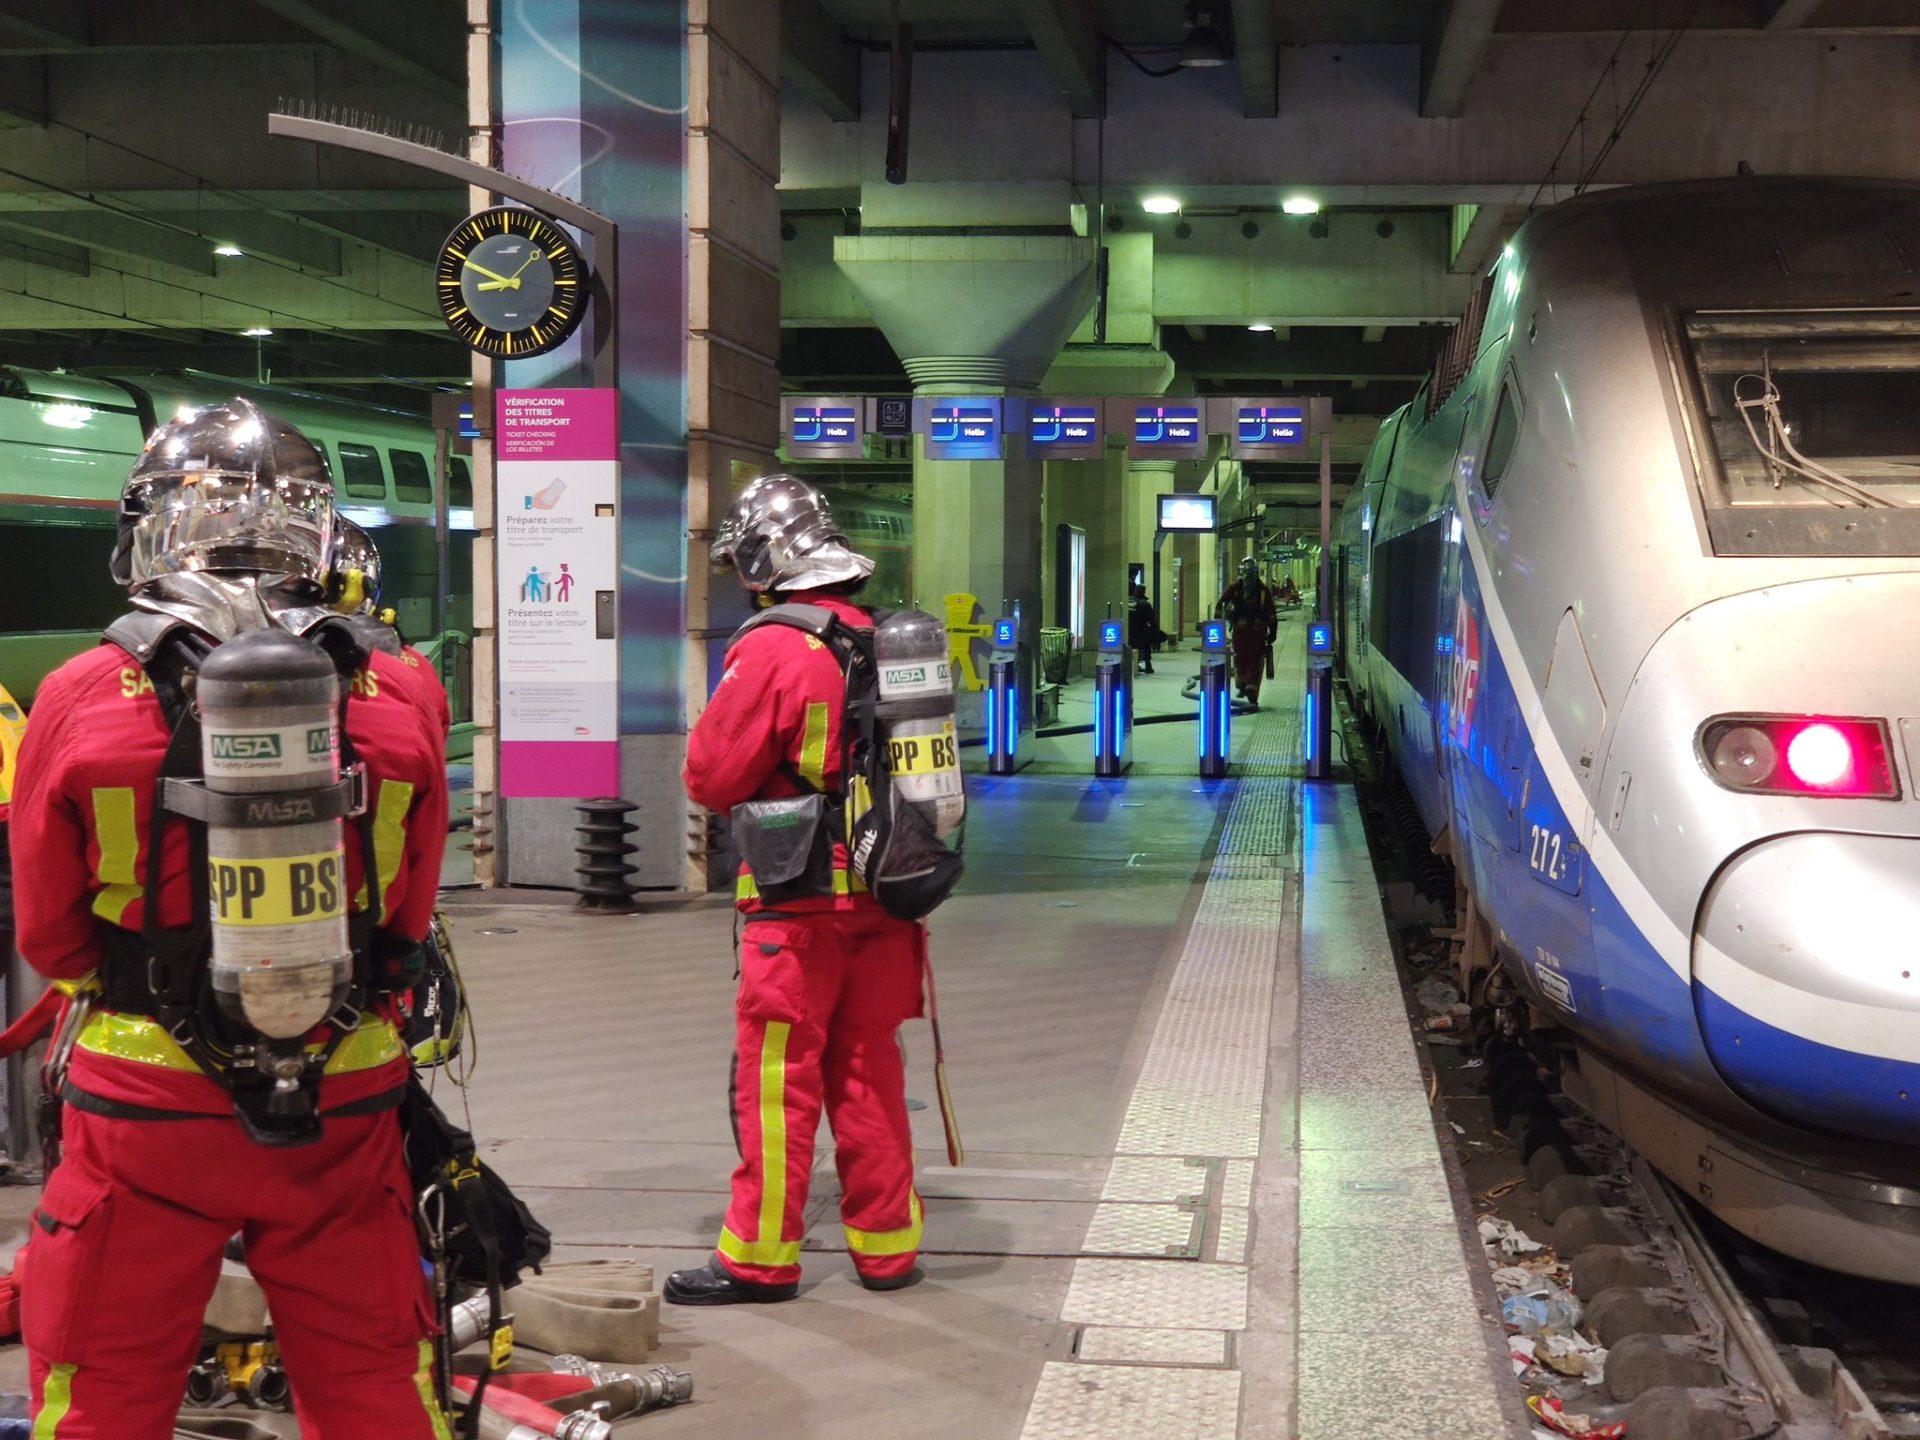 🇫🇷 Paris : La motrice d'un TGV s'enflamme